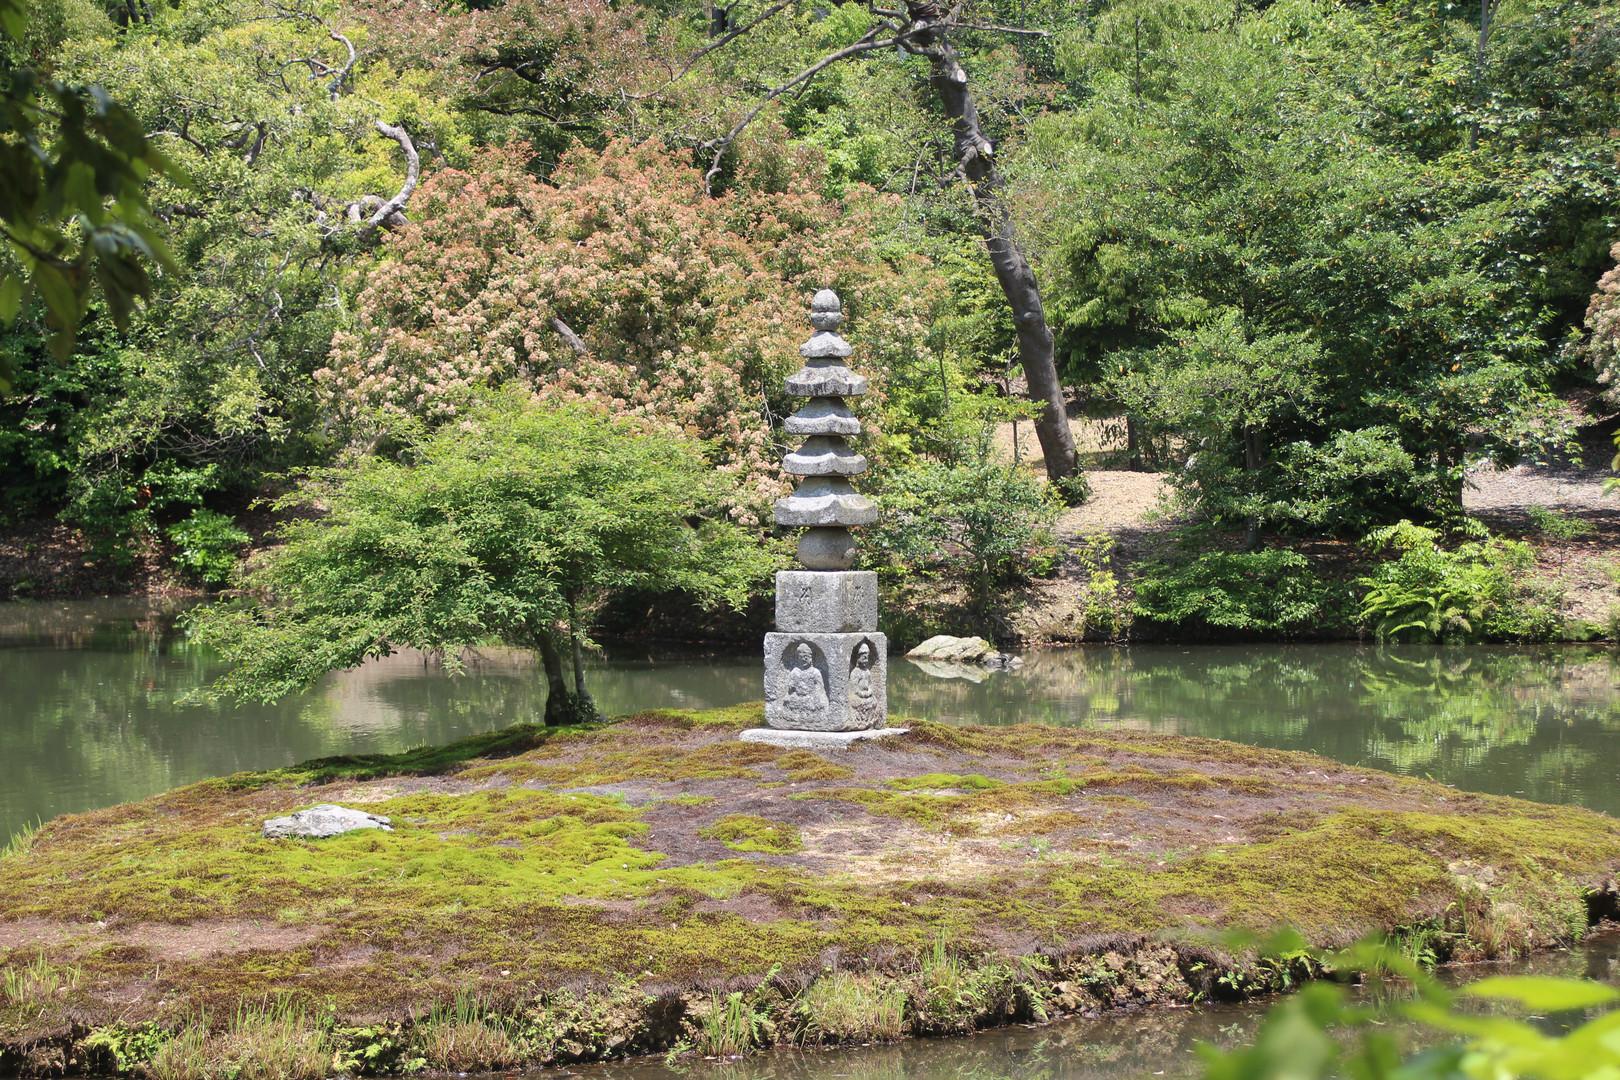 Japanischer Zen Garten In Kyoto Foto Bild Asia Japan East Asia